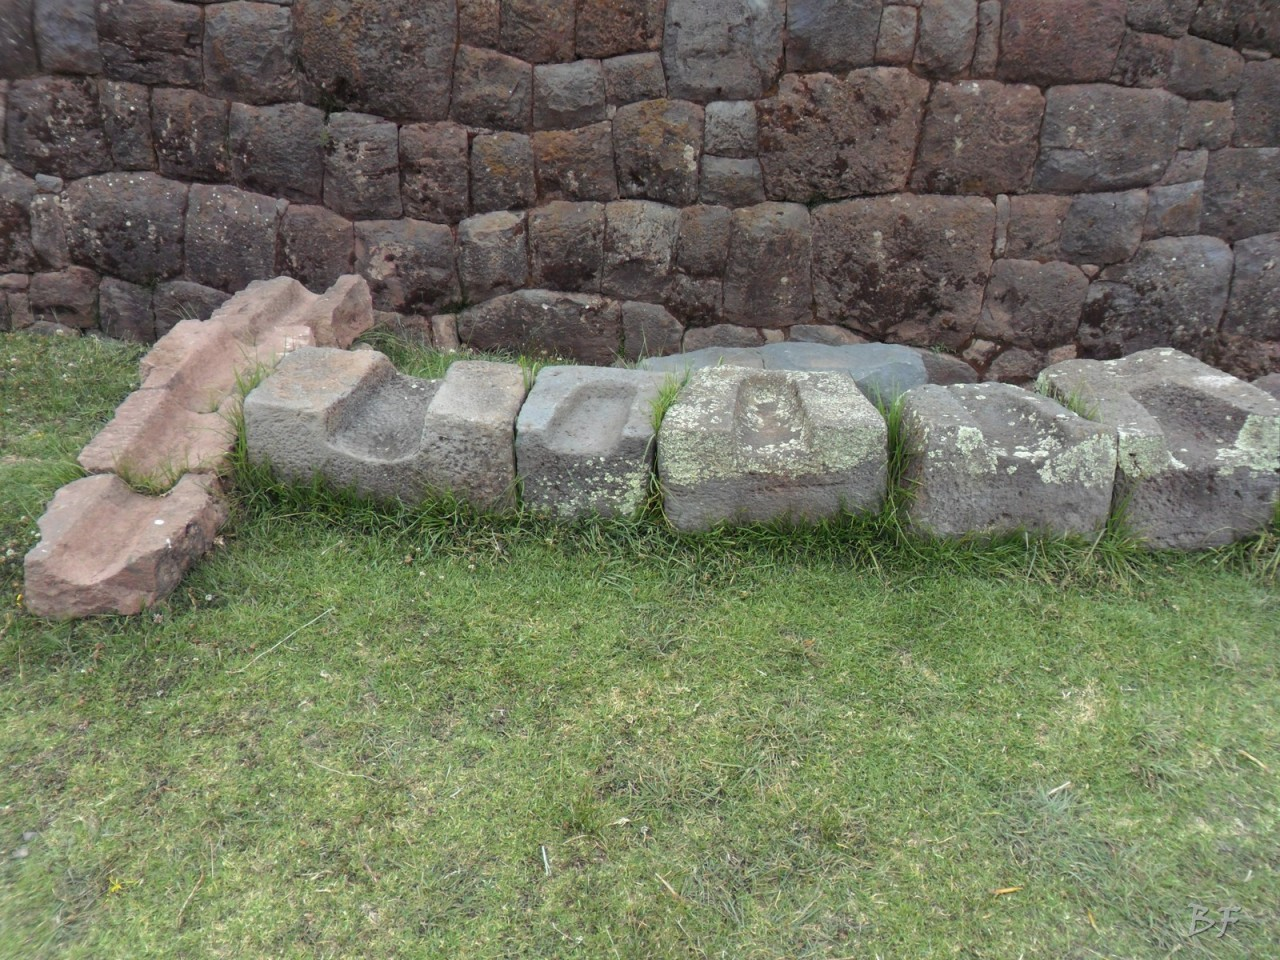 Mura-Poligonali-Megaliti-Tipon-Oropesa-Cusco-Perù-43